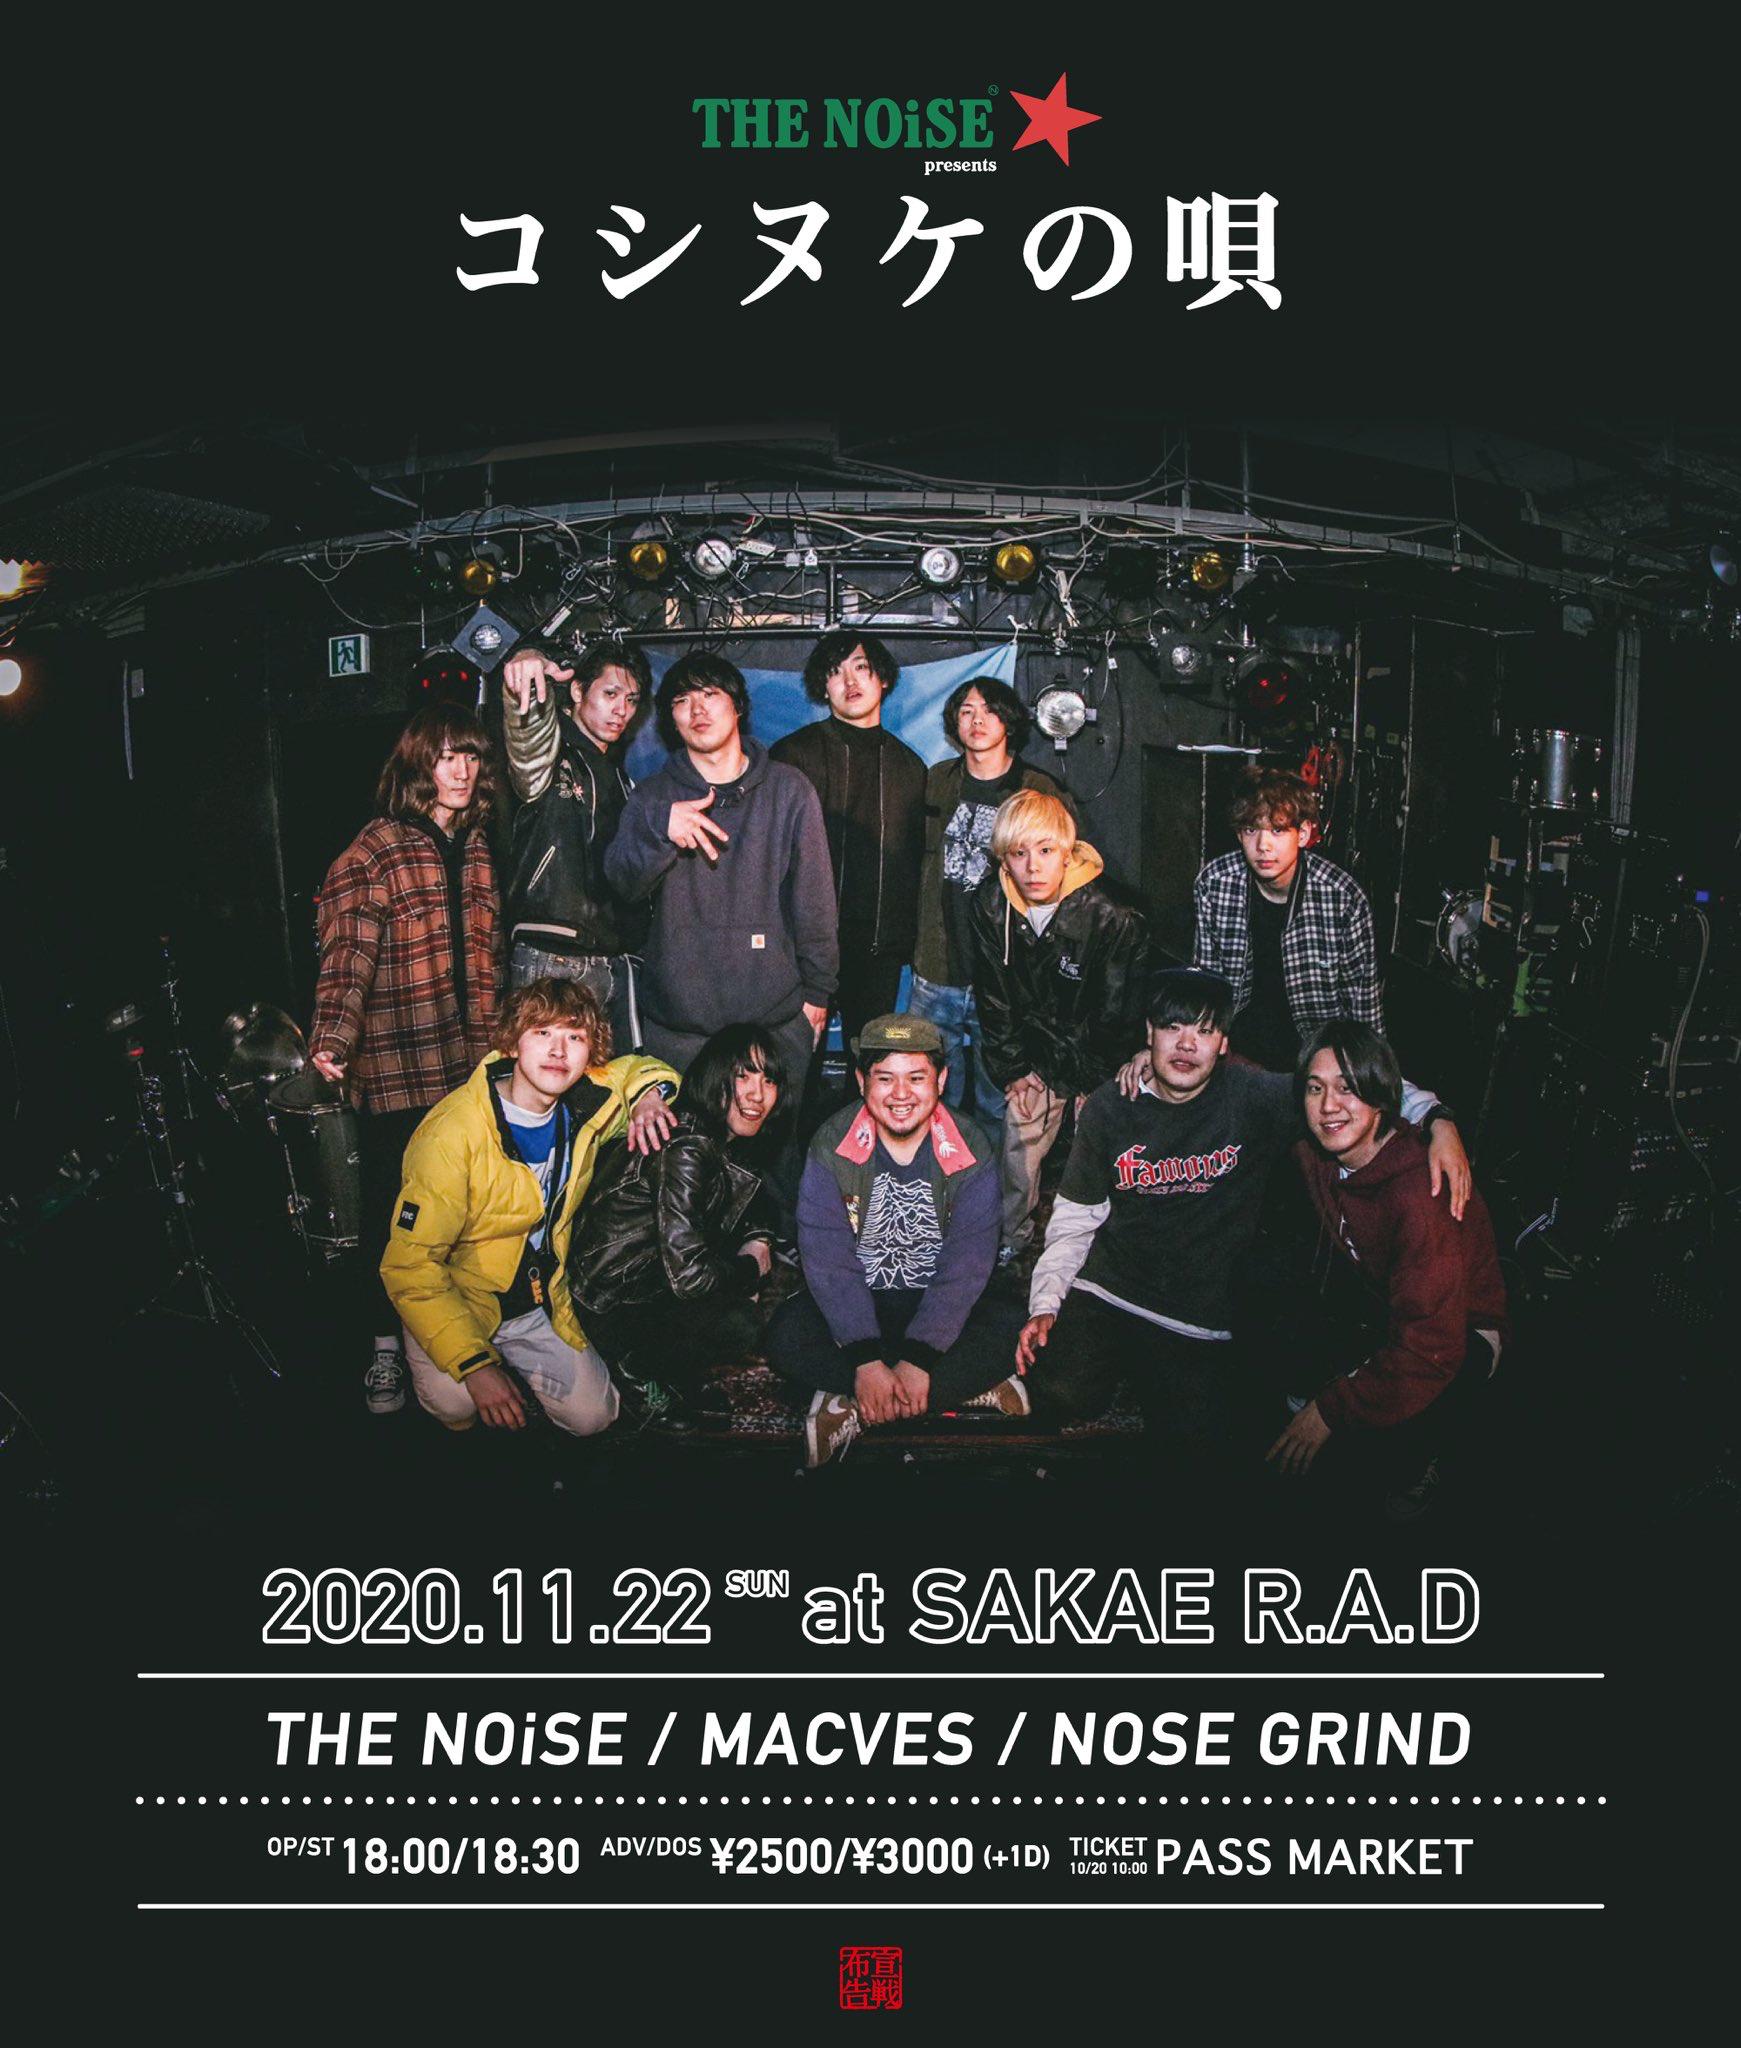 THE NOiSE presents コシヌケの唄